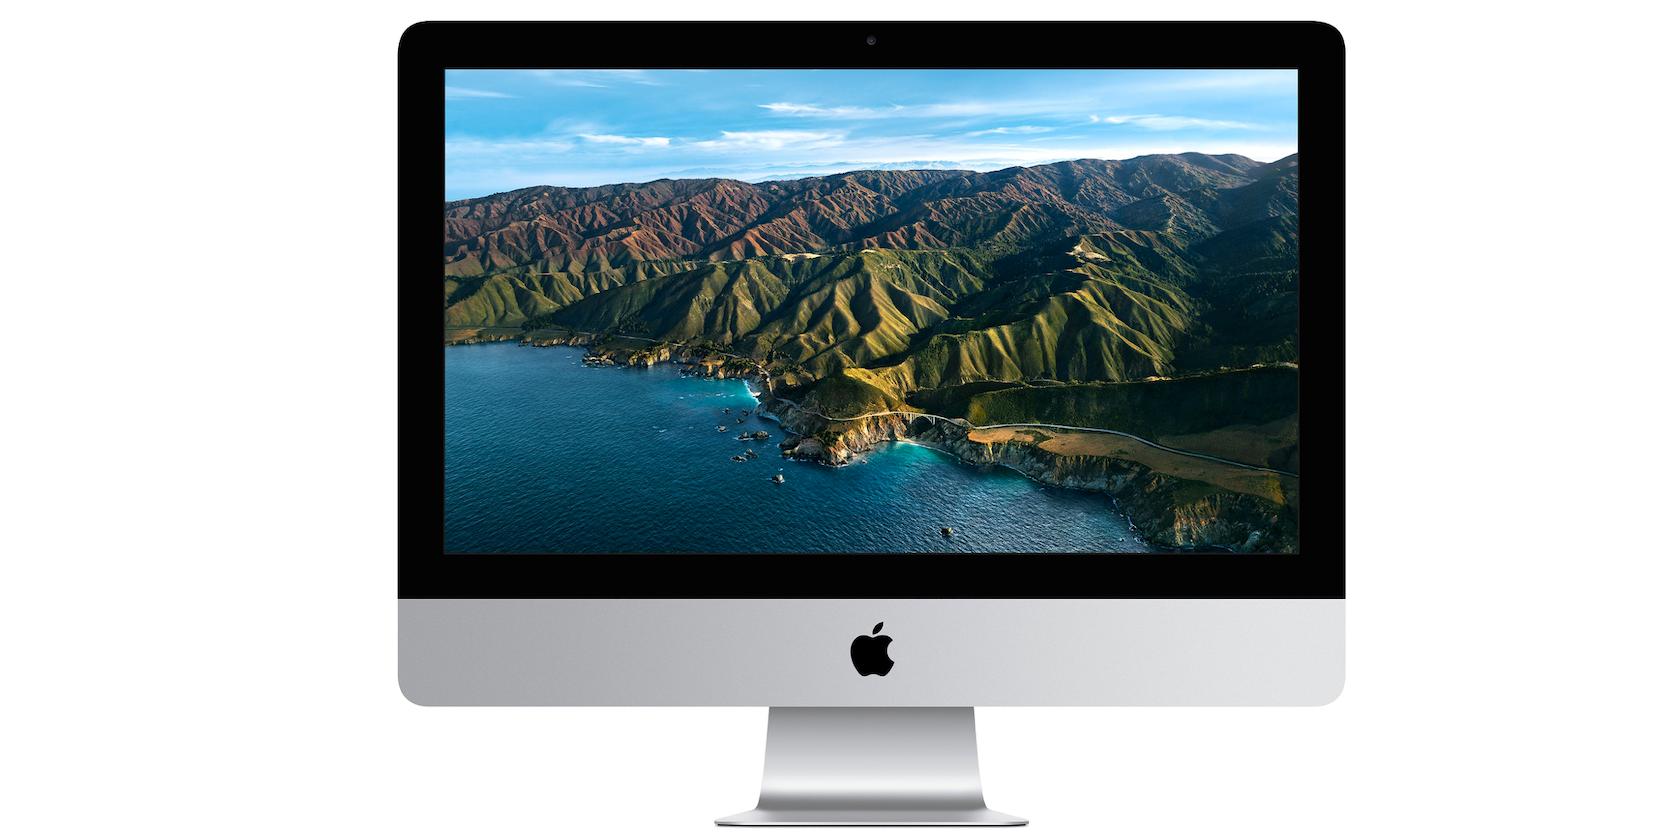 اپل فروش 512 گیگابایت و 1 ترابایت SSD 21.5 اینچی iMac را متوقف می کند